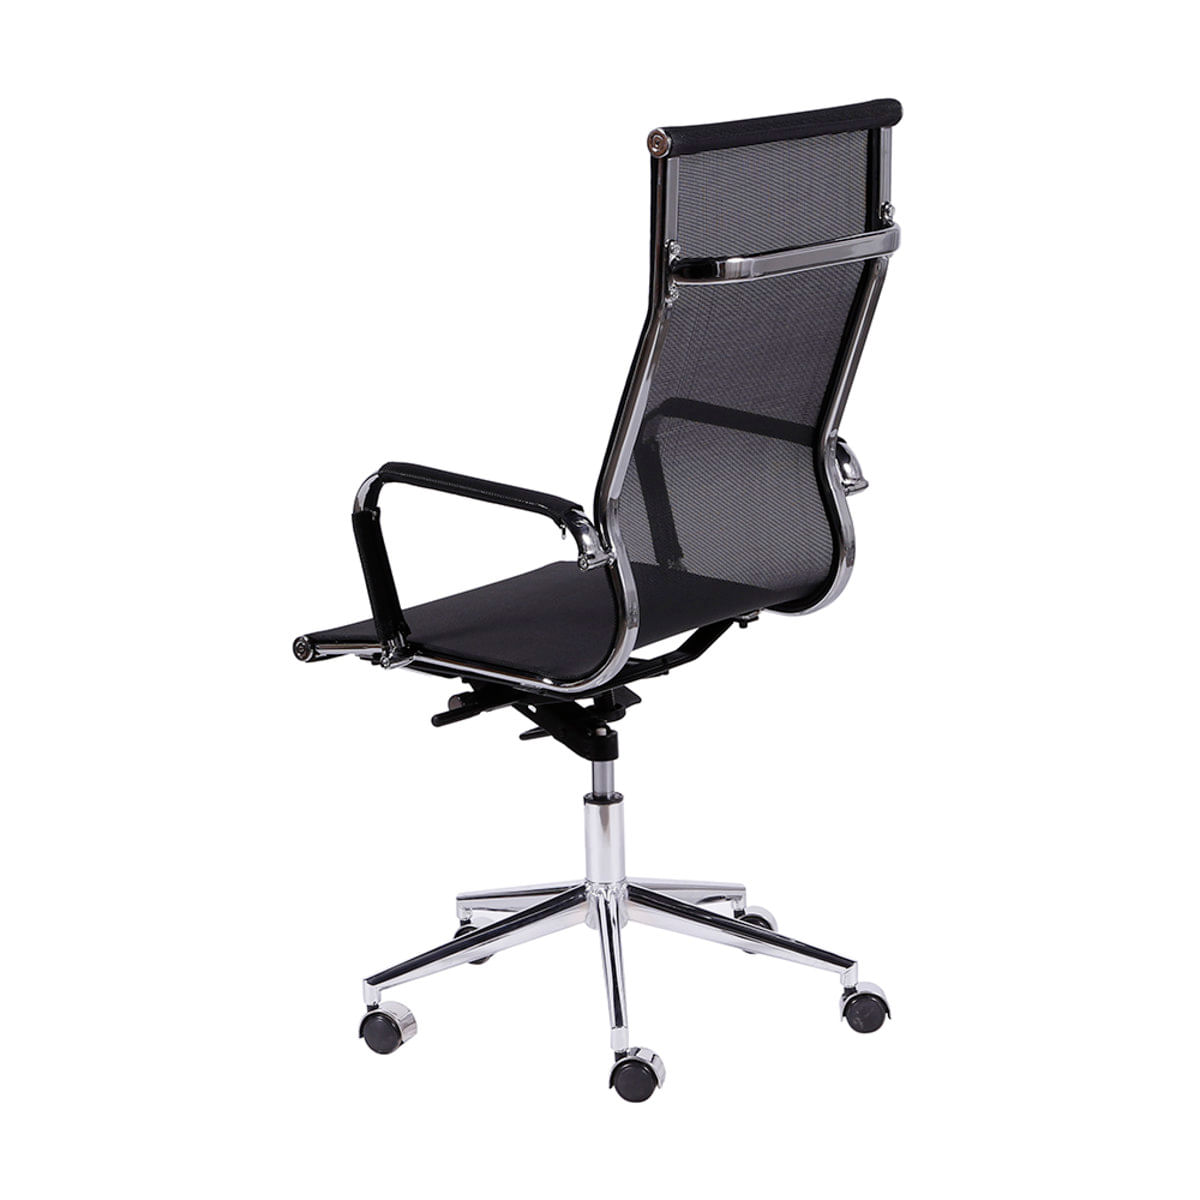 Cadeira De Escritorio Eames Esteirinha Alta Tela Mesh Preta Carrefour Carrefour